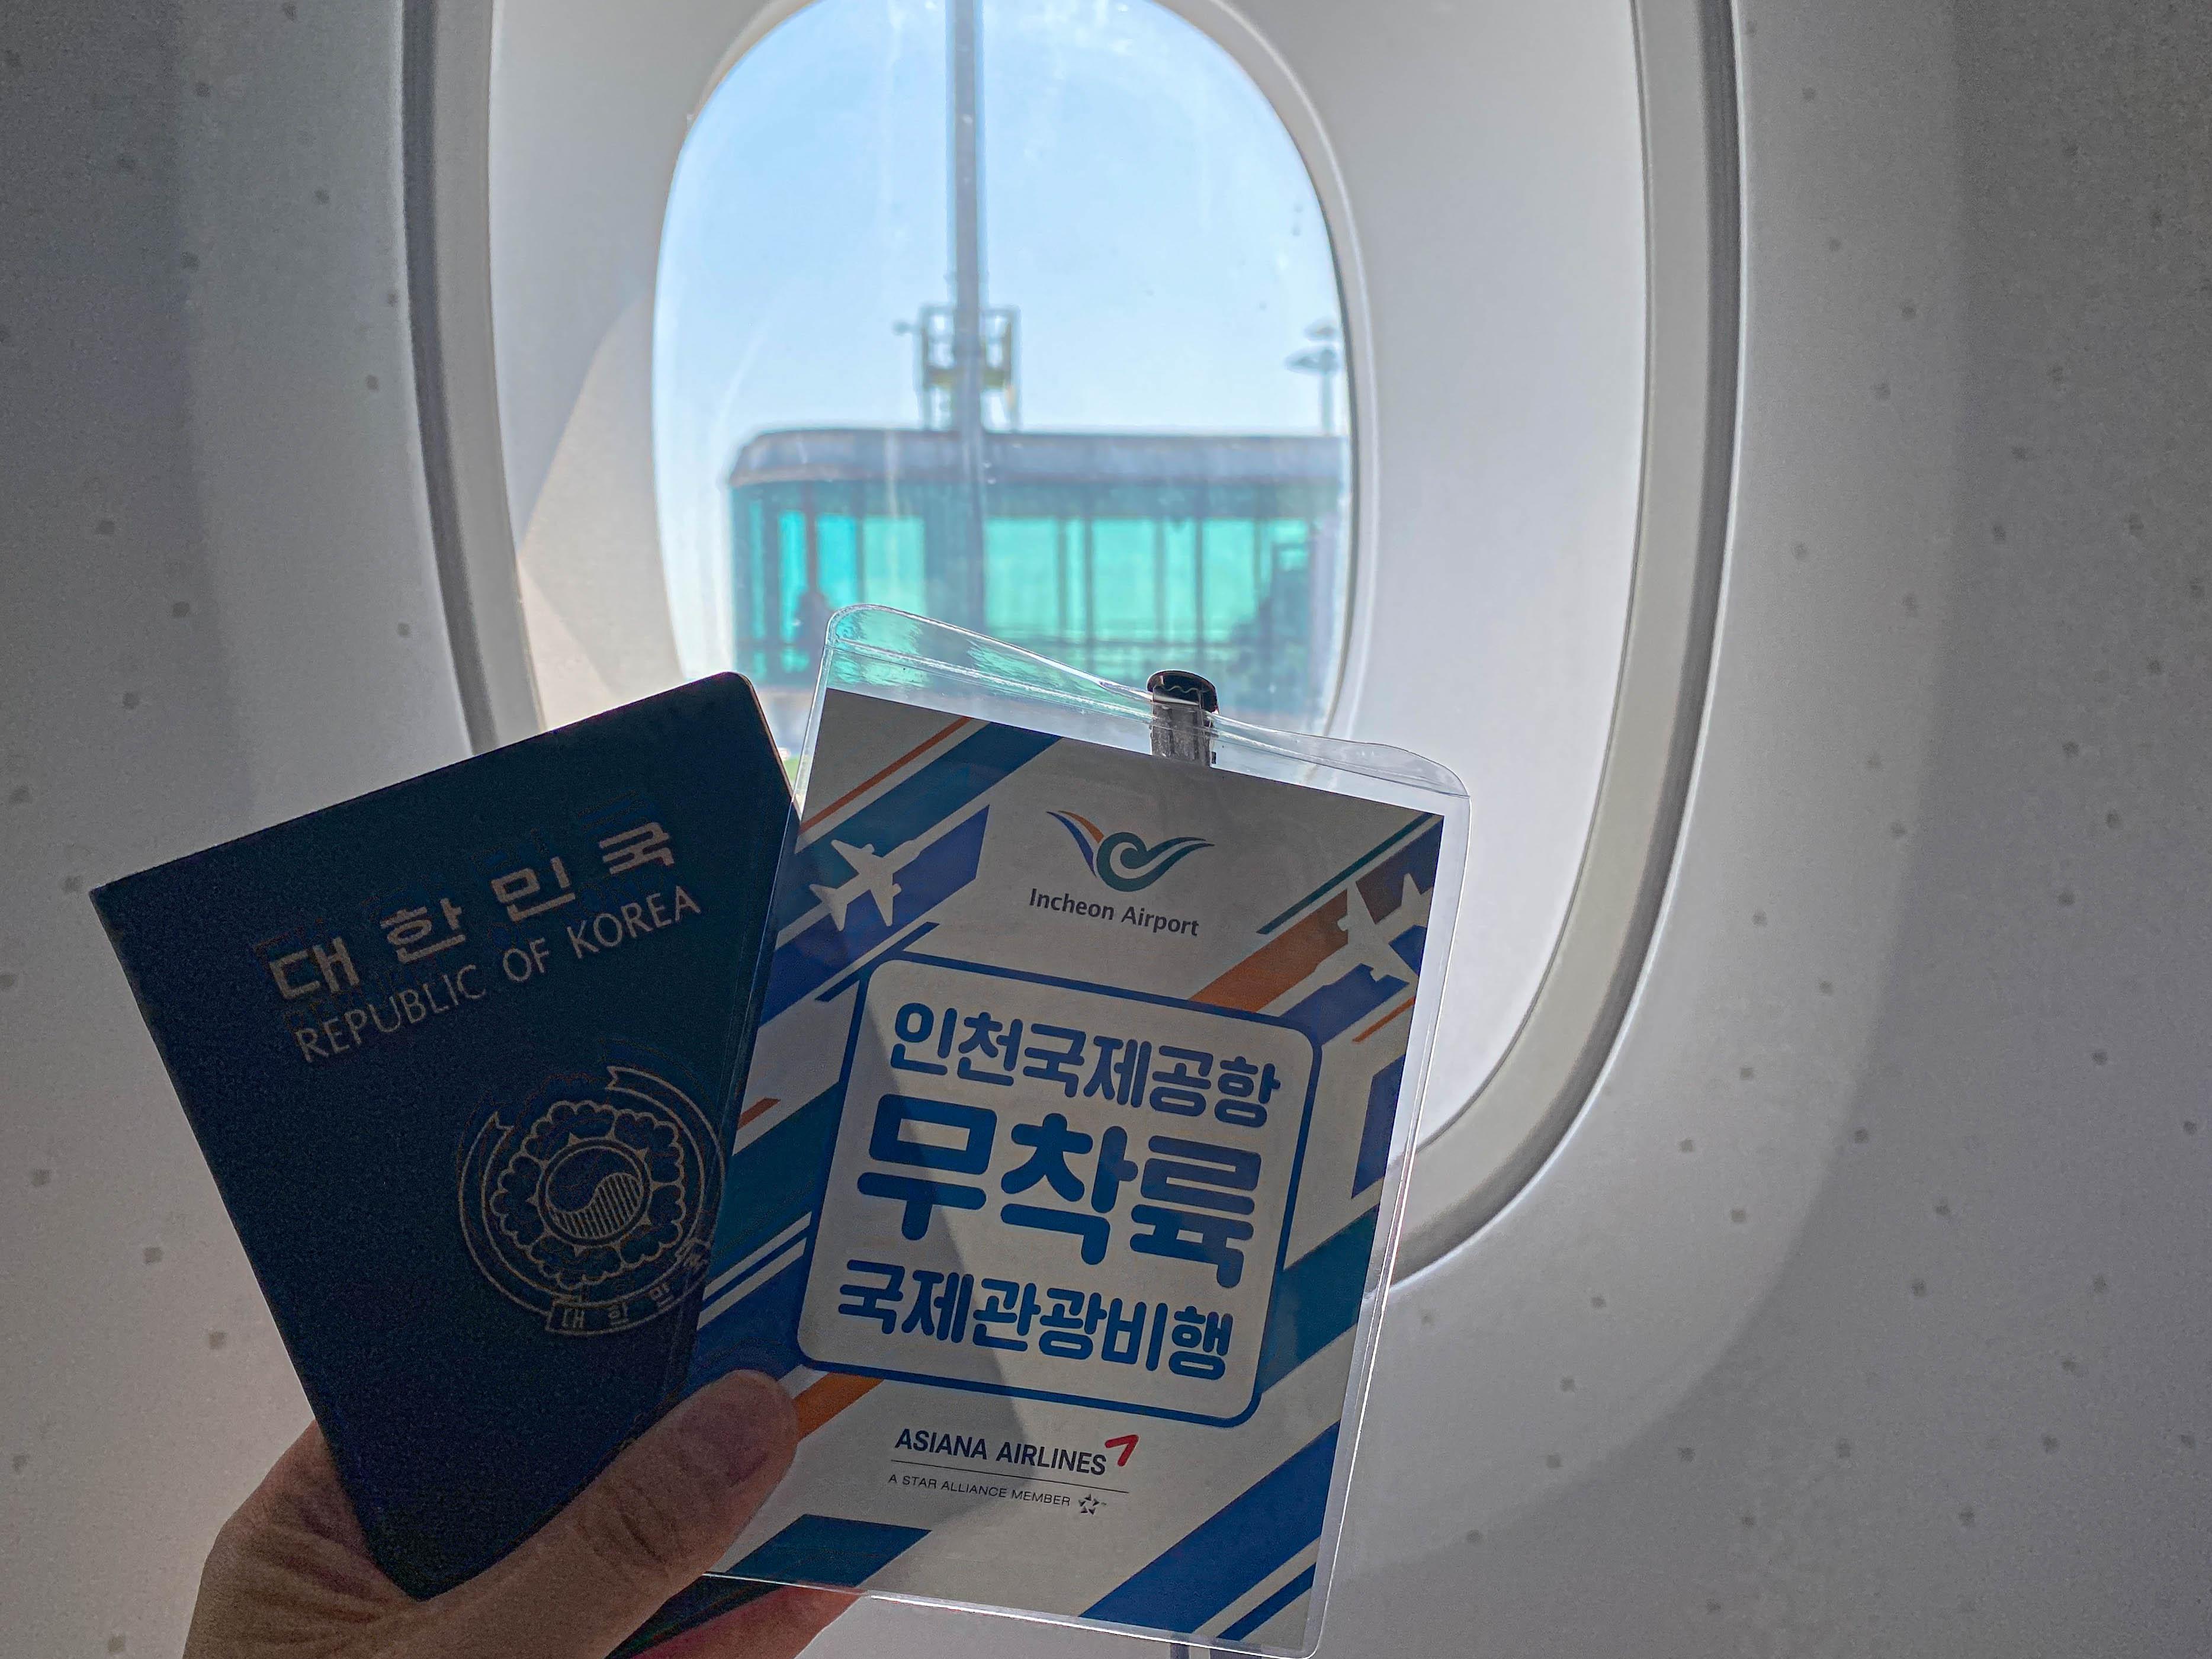 무착륙 관광비행에 꼭 필요한 준비물 여권!